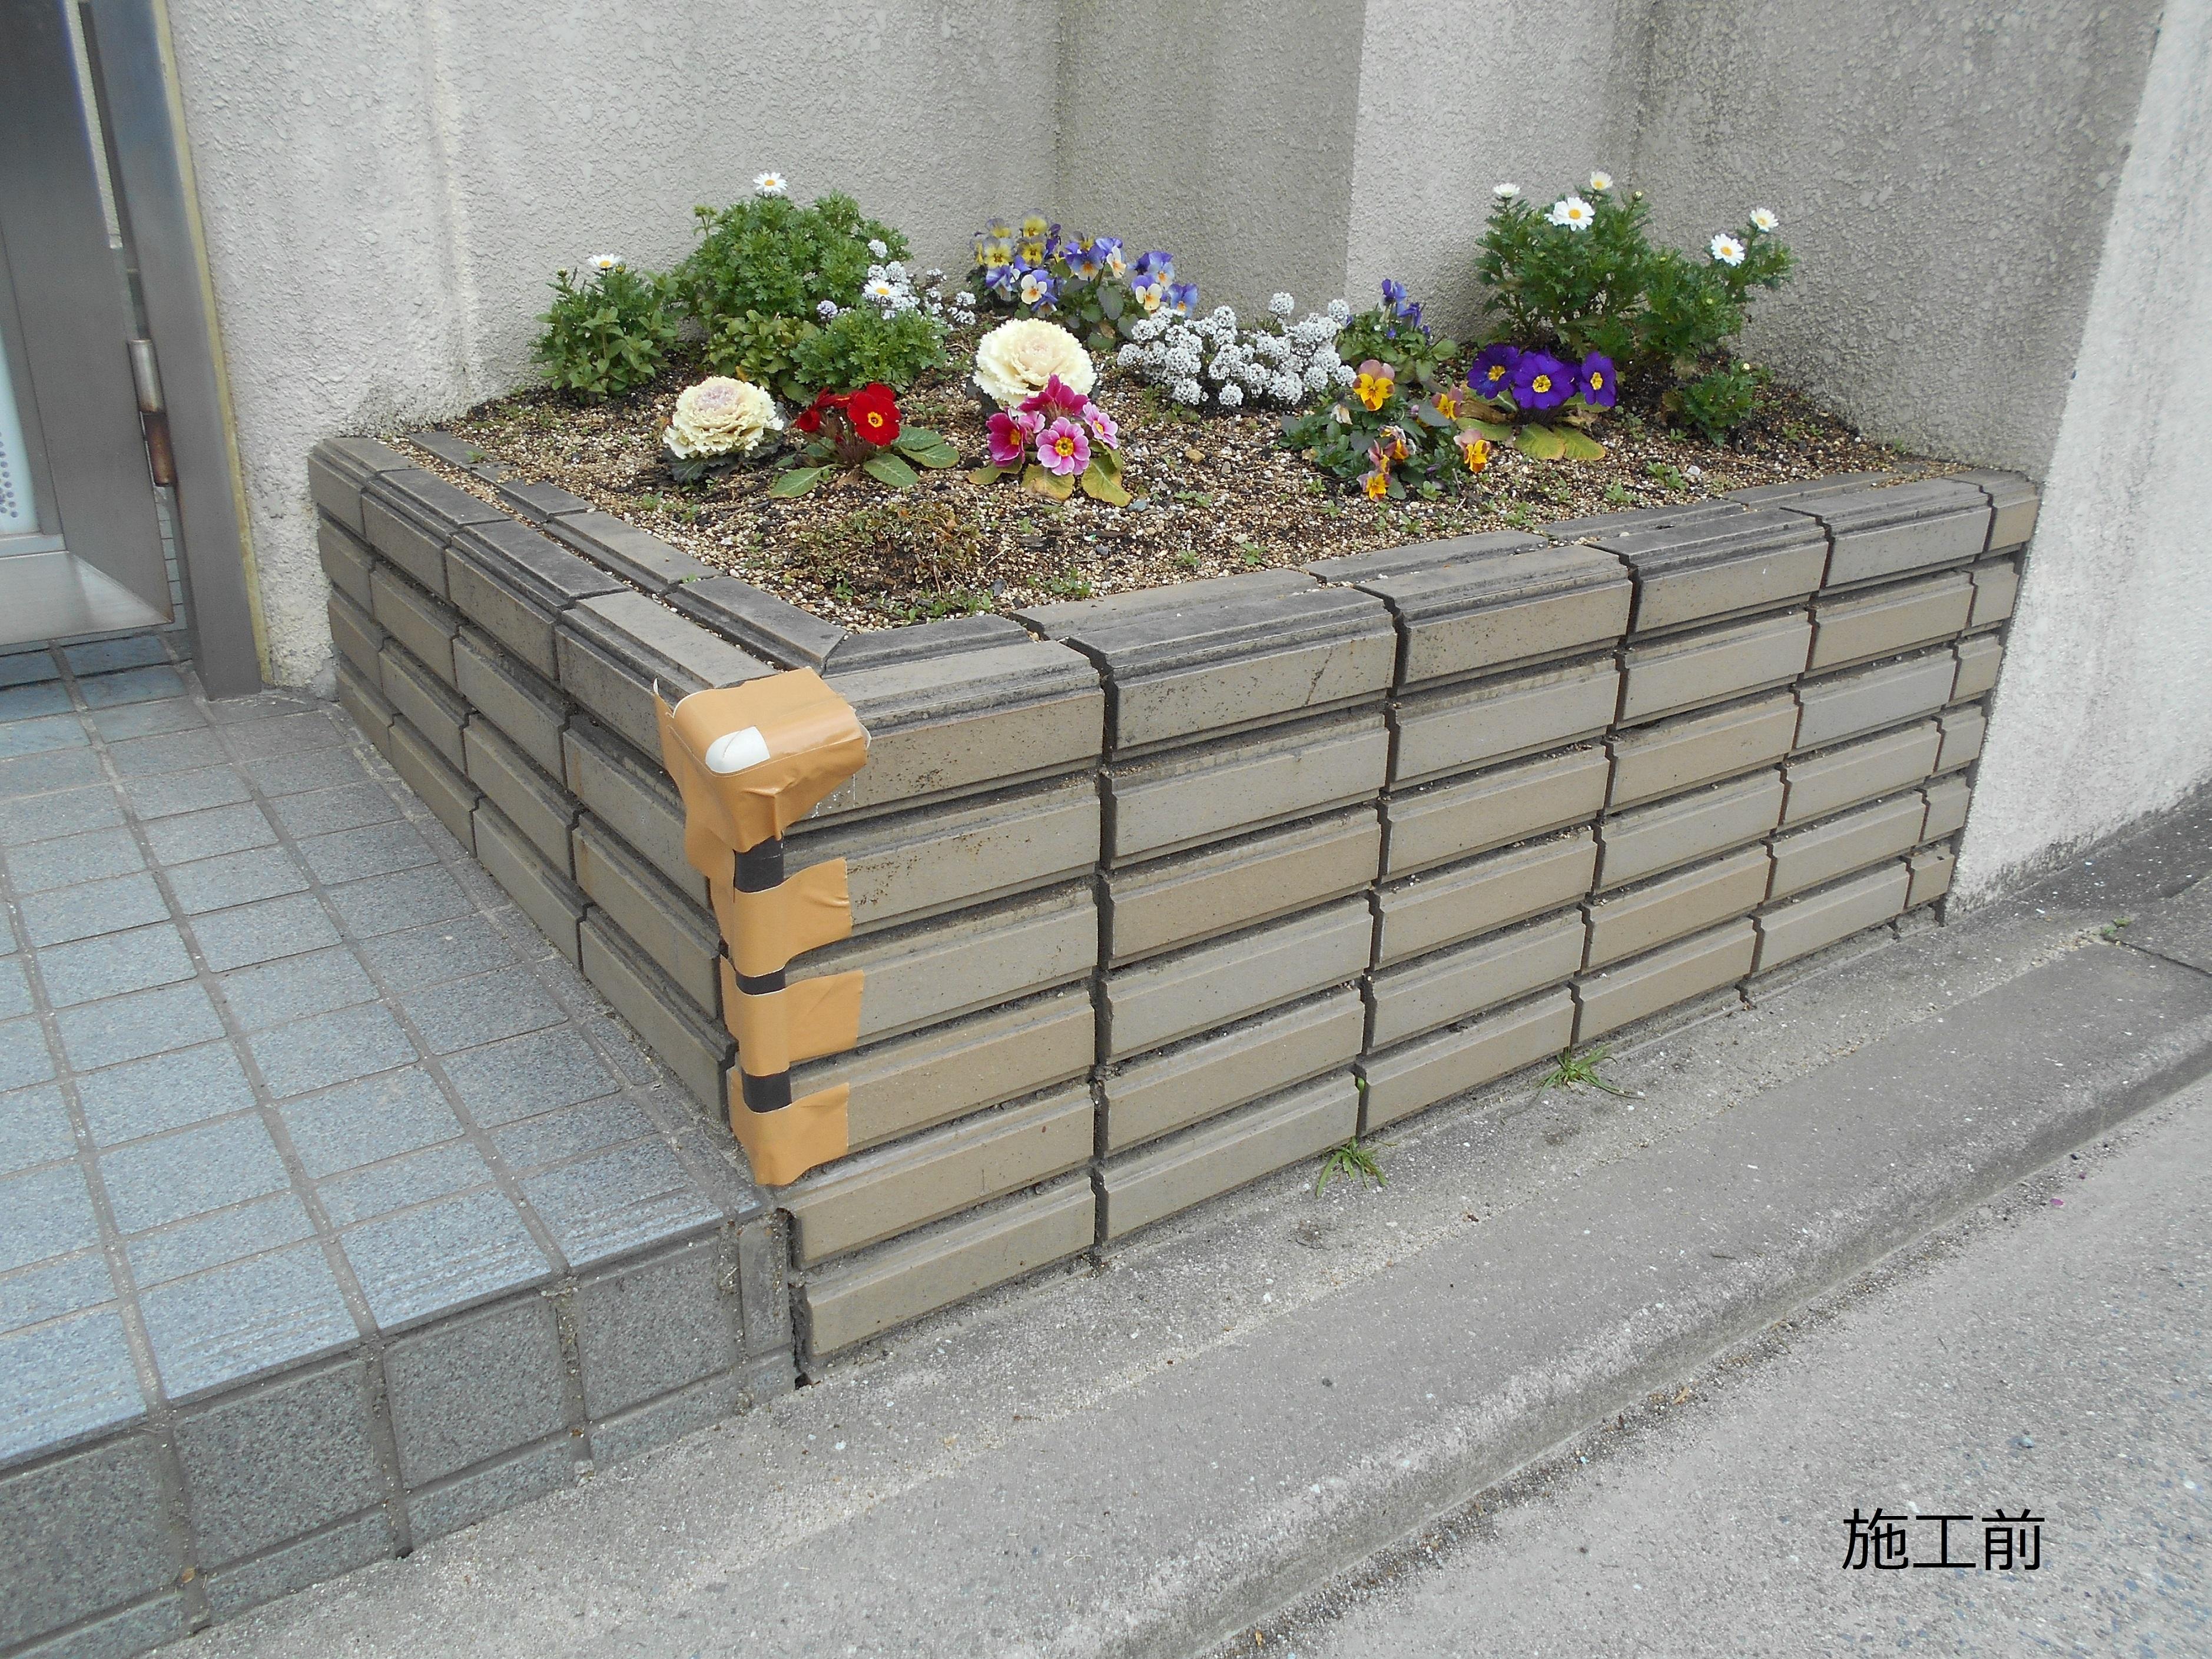 宝塚市 施設 花壇コーナーガード取付工事イメージ04